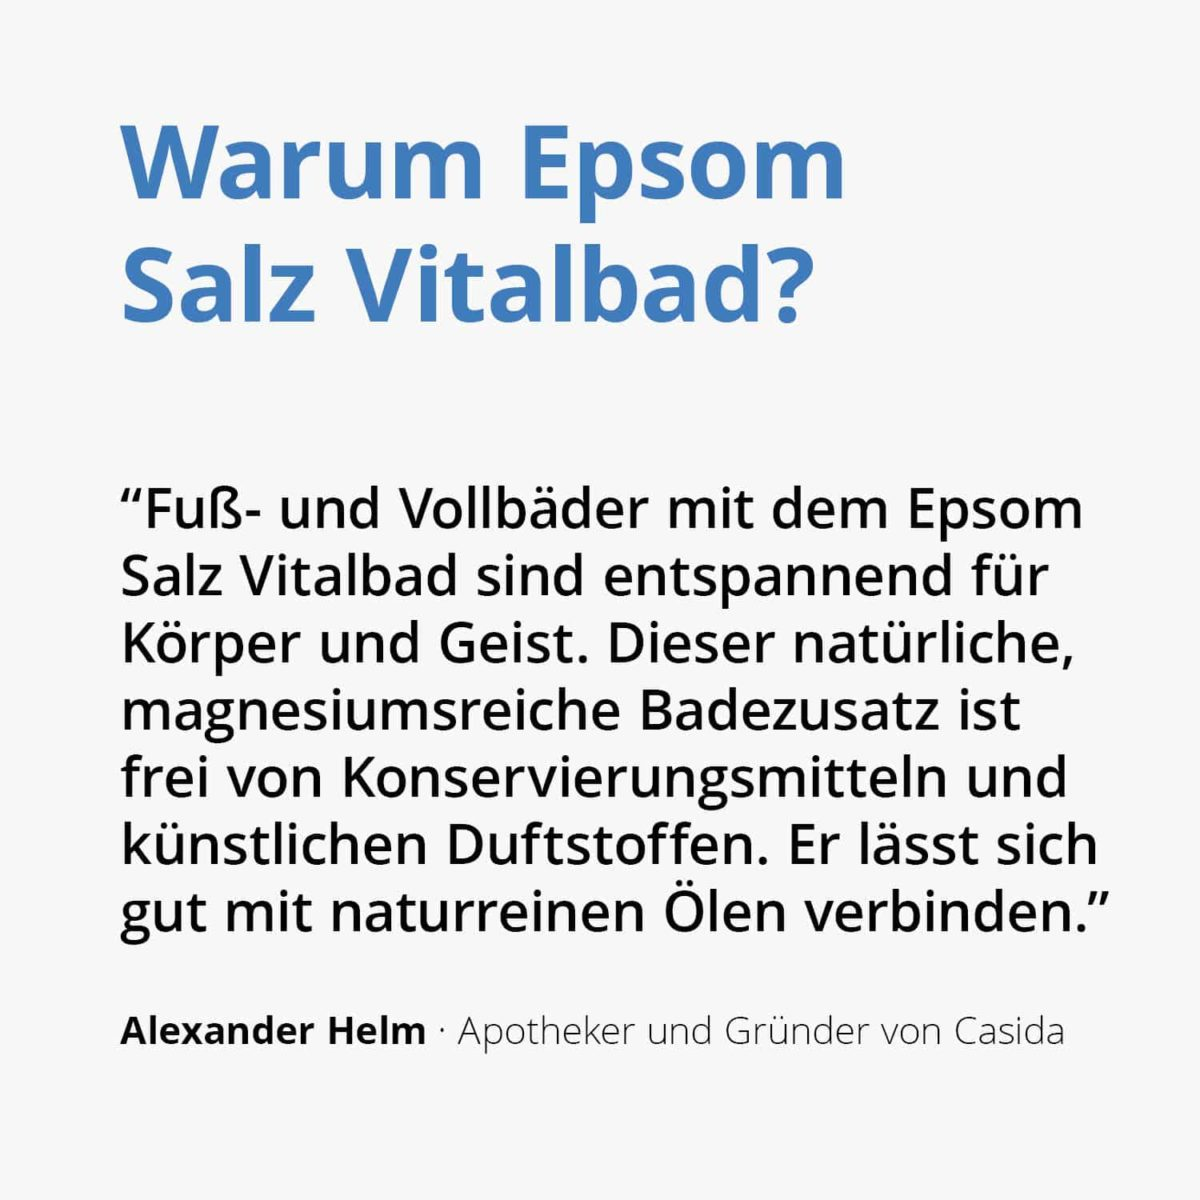 Casida Epsom Salz Vitalbad 1 kg 11103341 PZN Apotheke Bittersalz (1)2